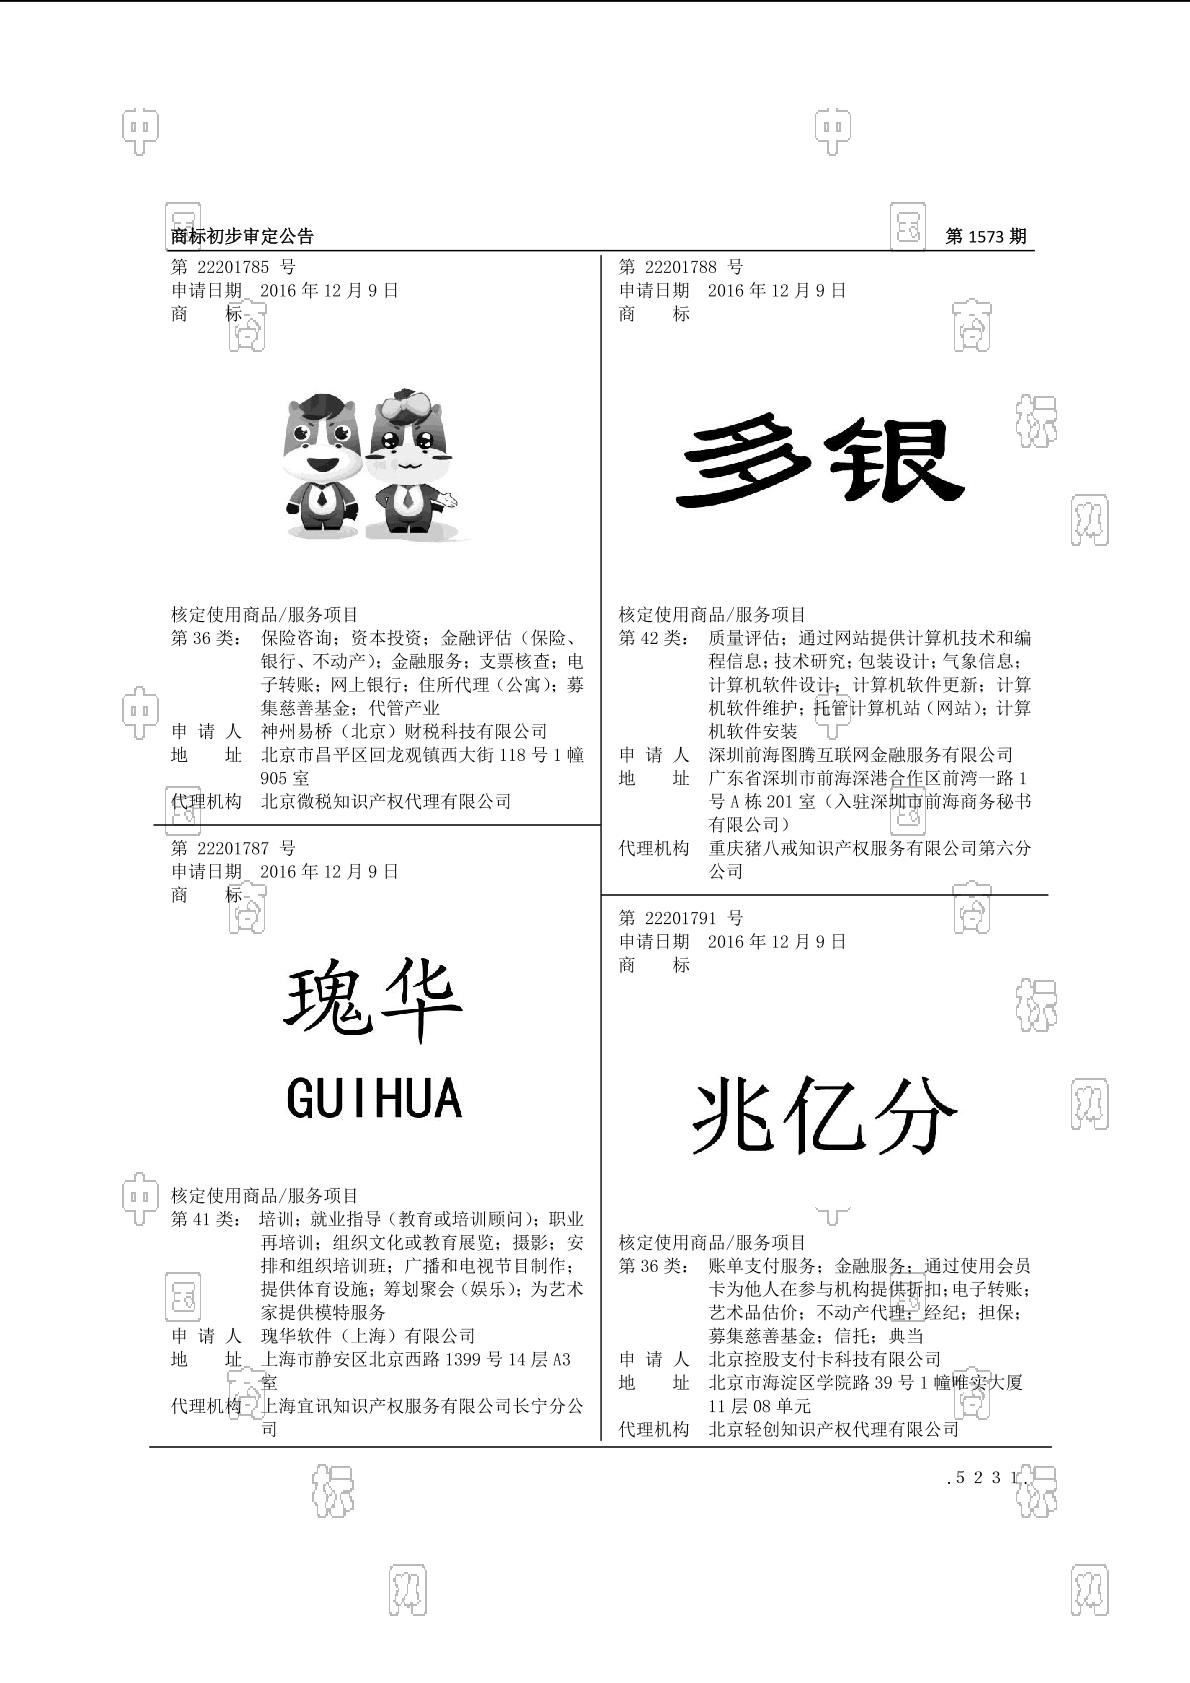 【社标网】22201785商标状态注册号信息 神州易桥(北京)财税科技有限公司商标信息-商标查询